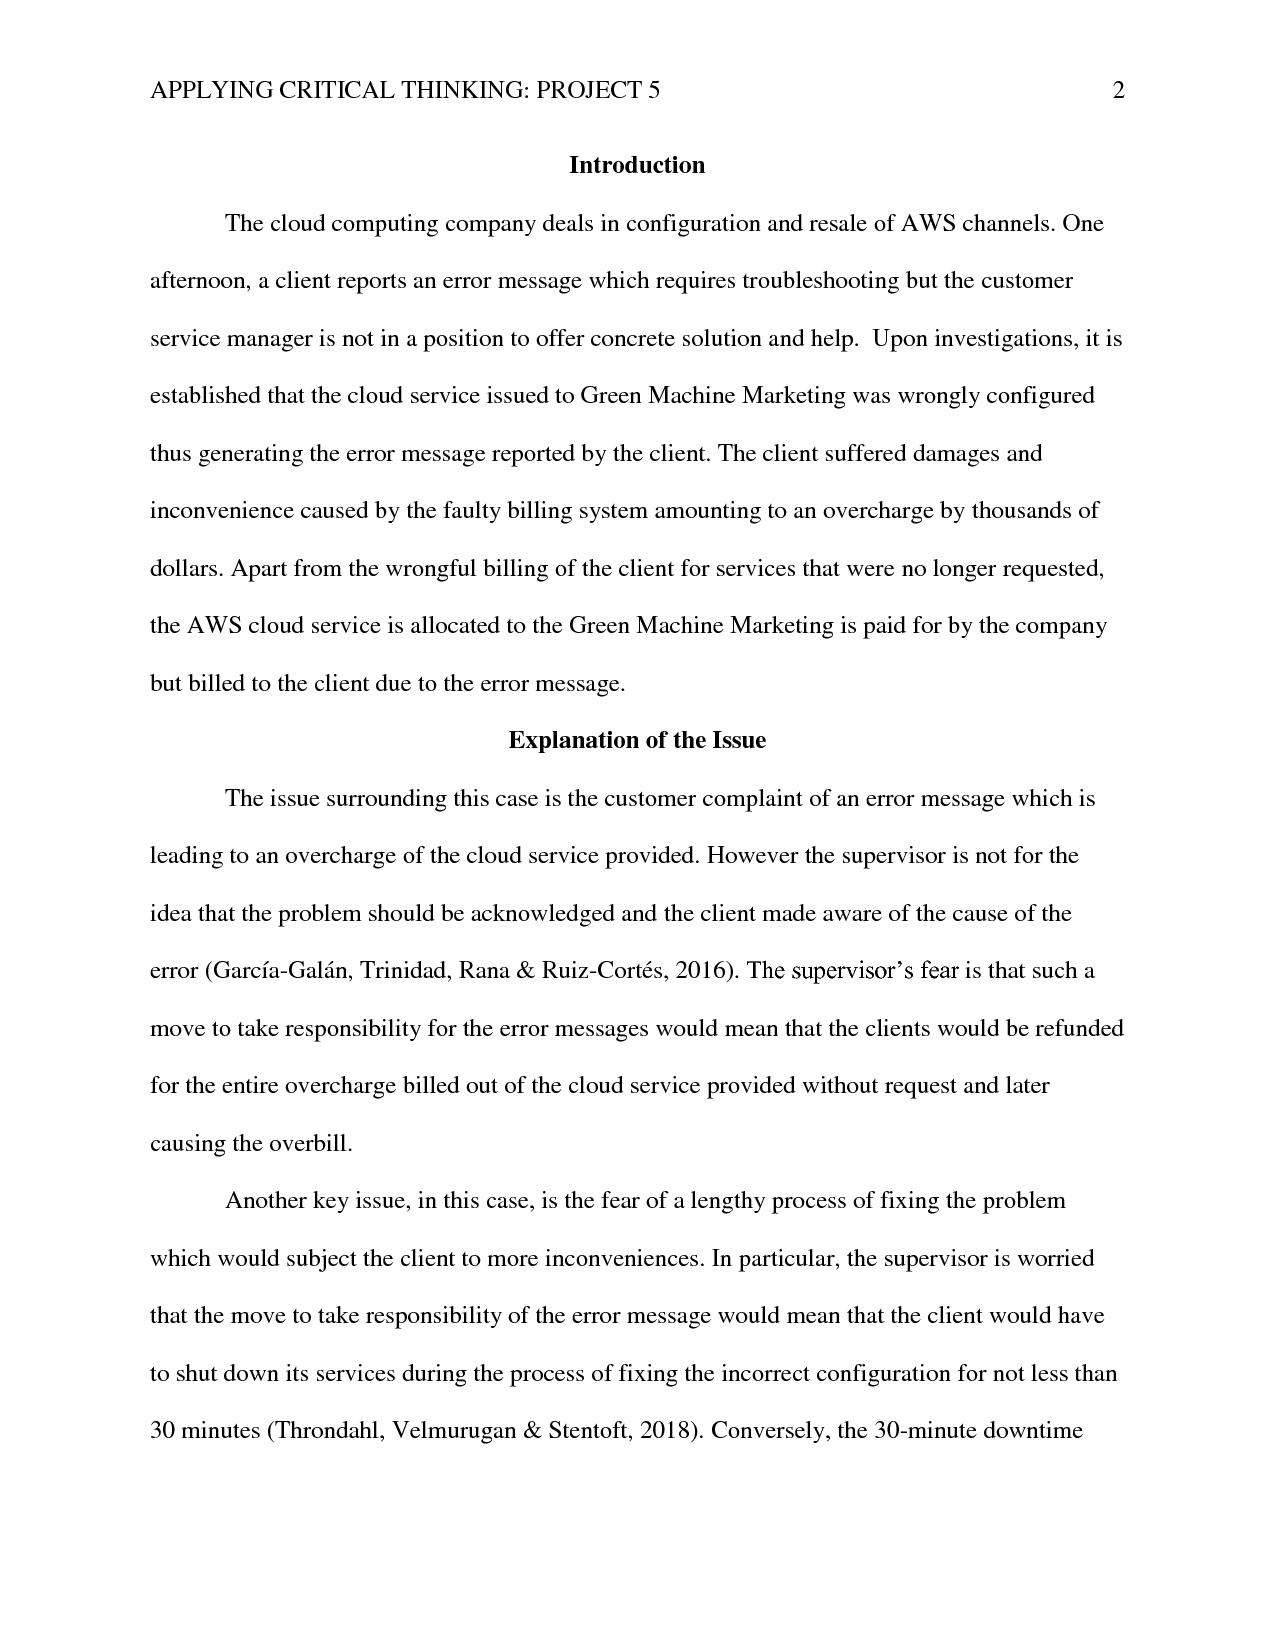 Martin luther king jr written speech